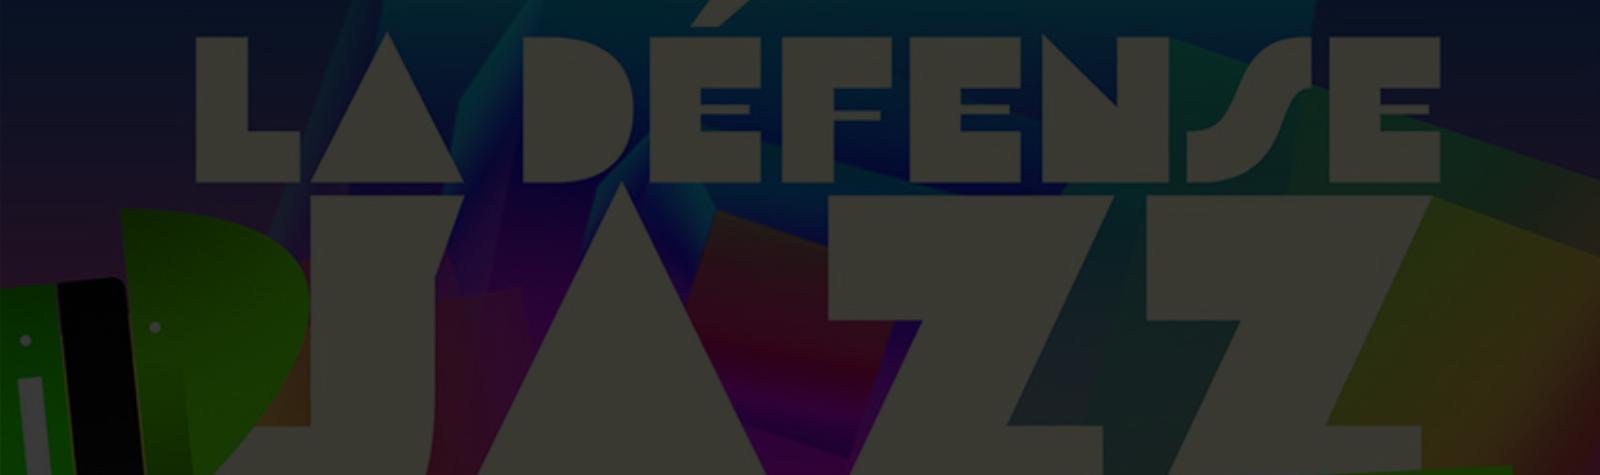 Paris La Défense reprogramme l'ensemble de ses rendez-vous événementiels et culturels